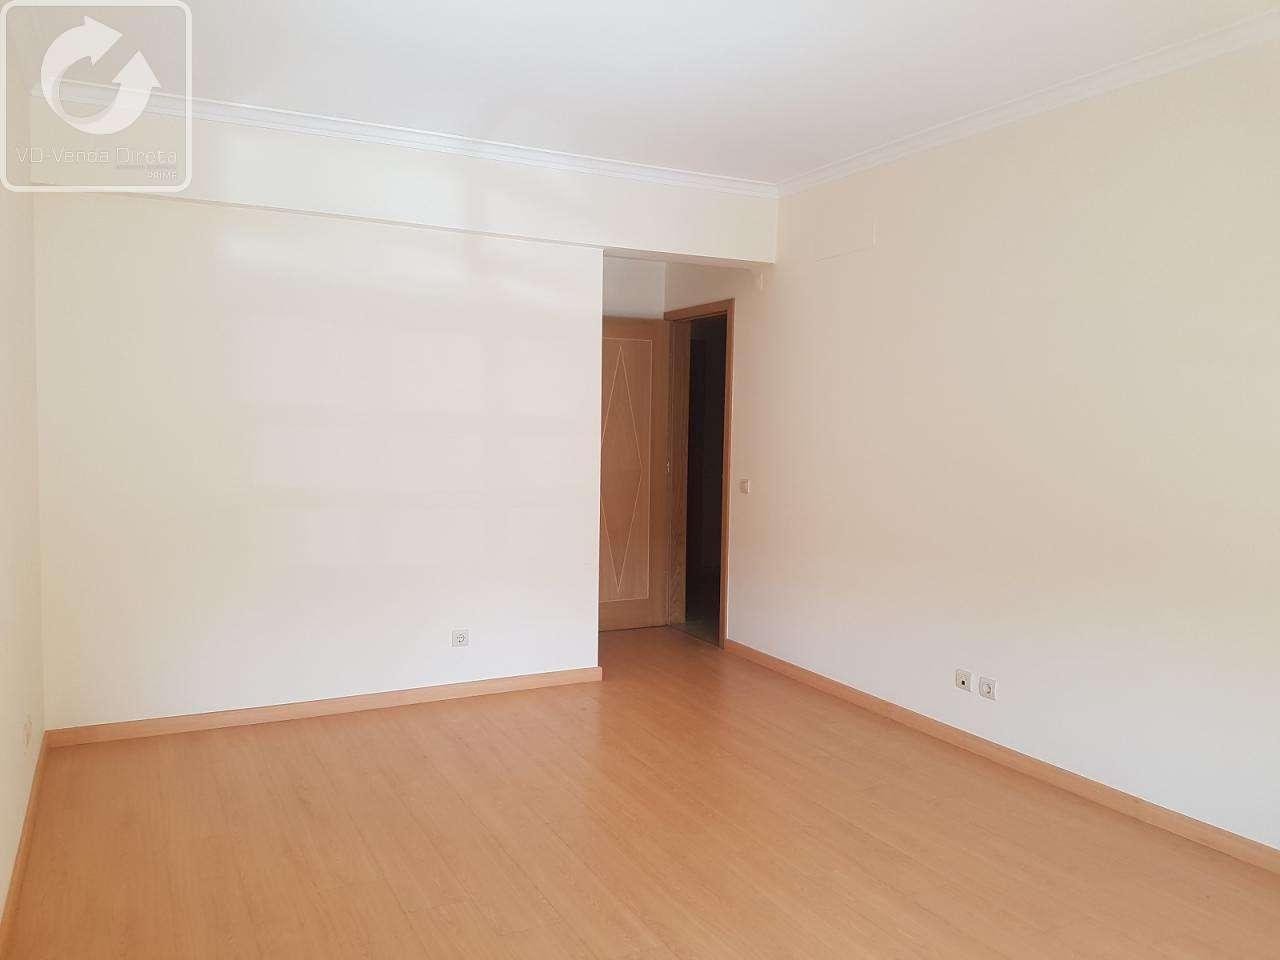 Apartamento para comprar, Pinhal Novo, Setúbal - Foto 35